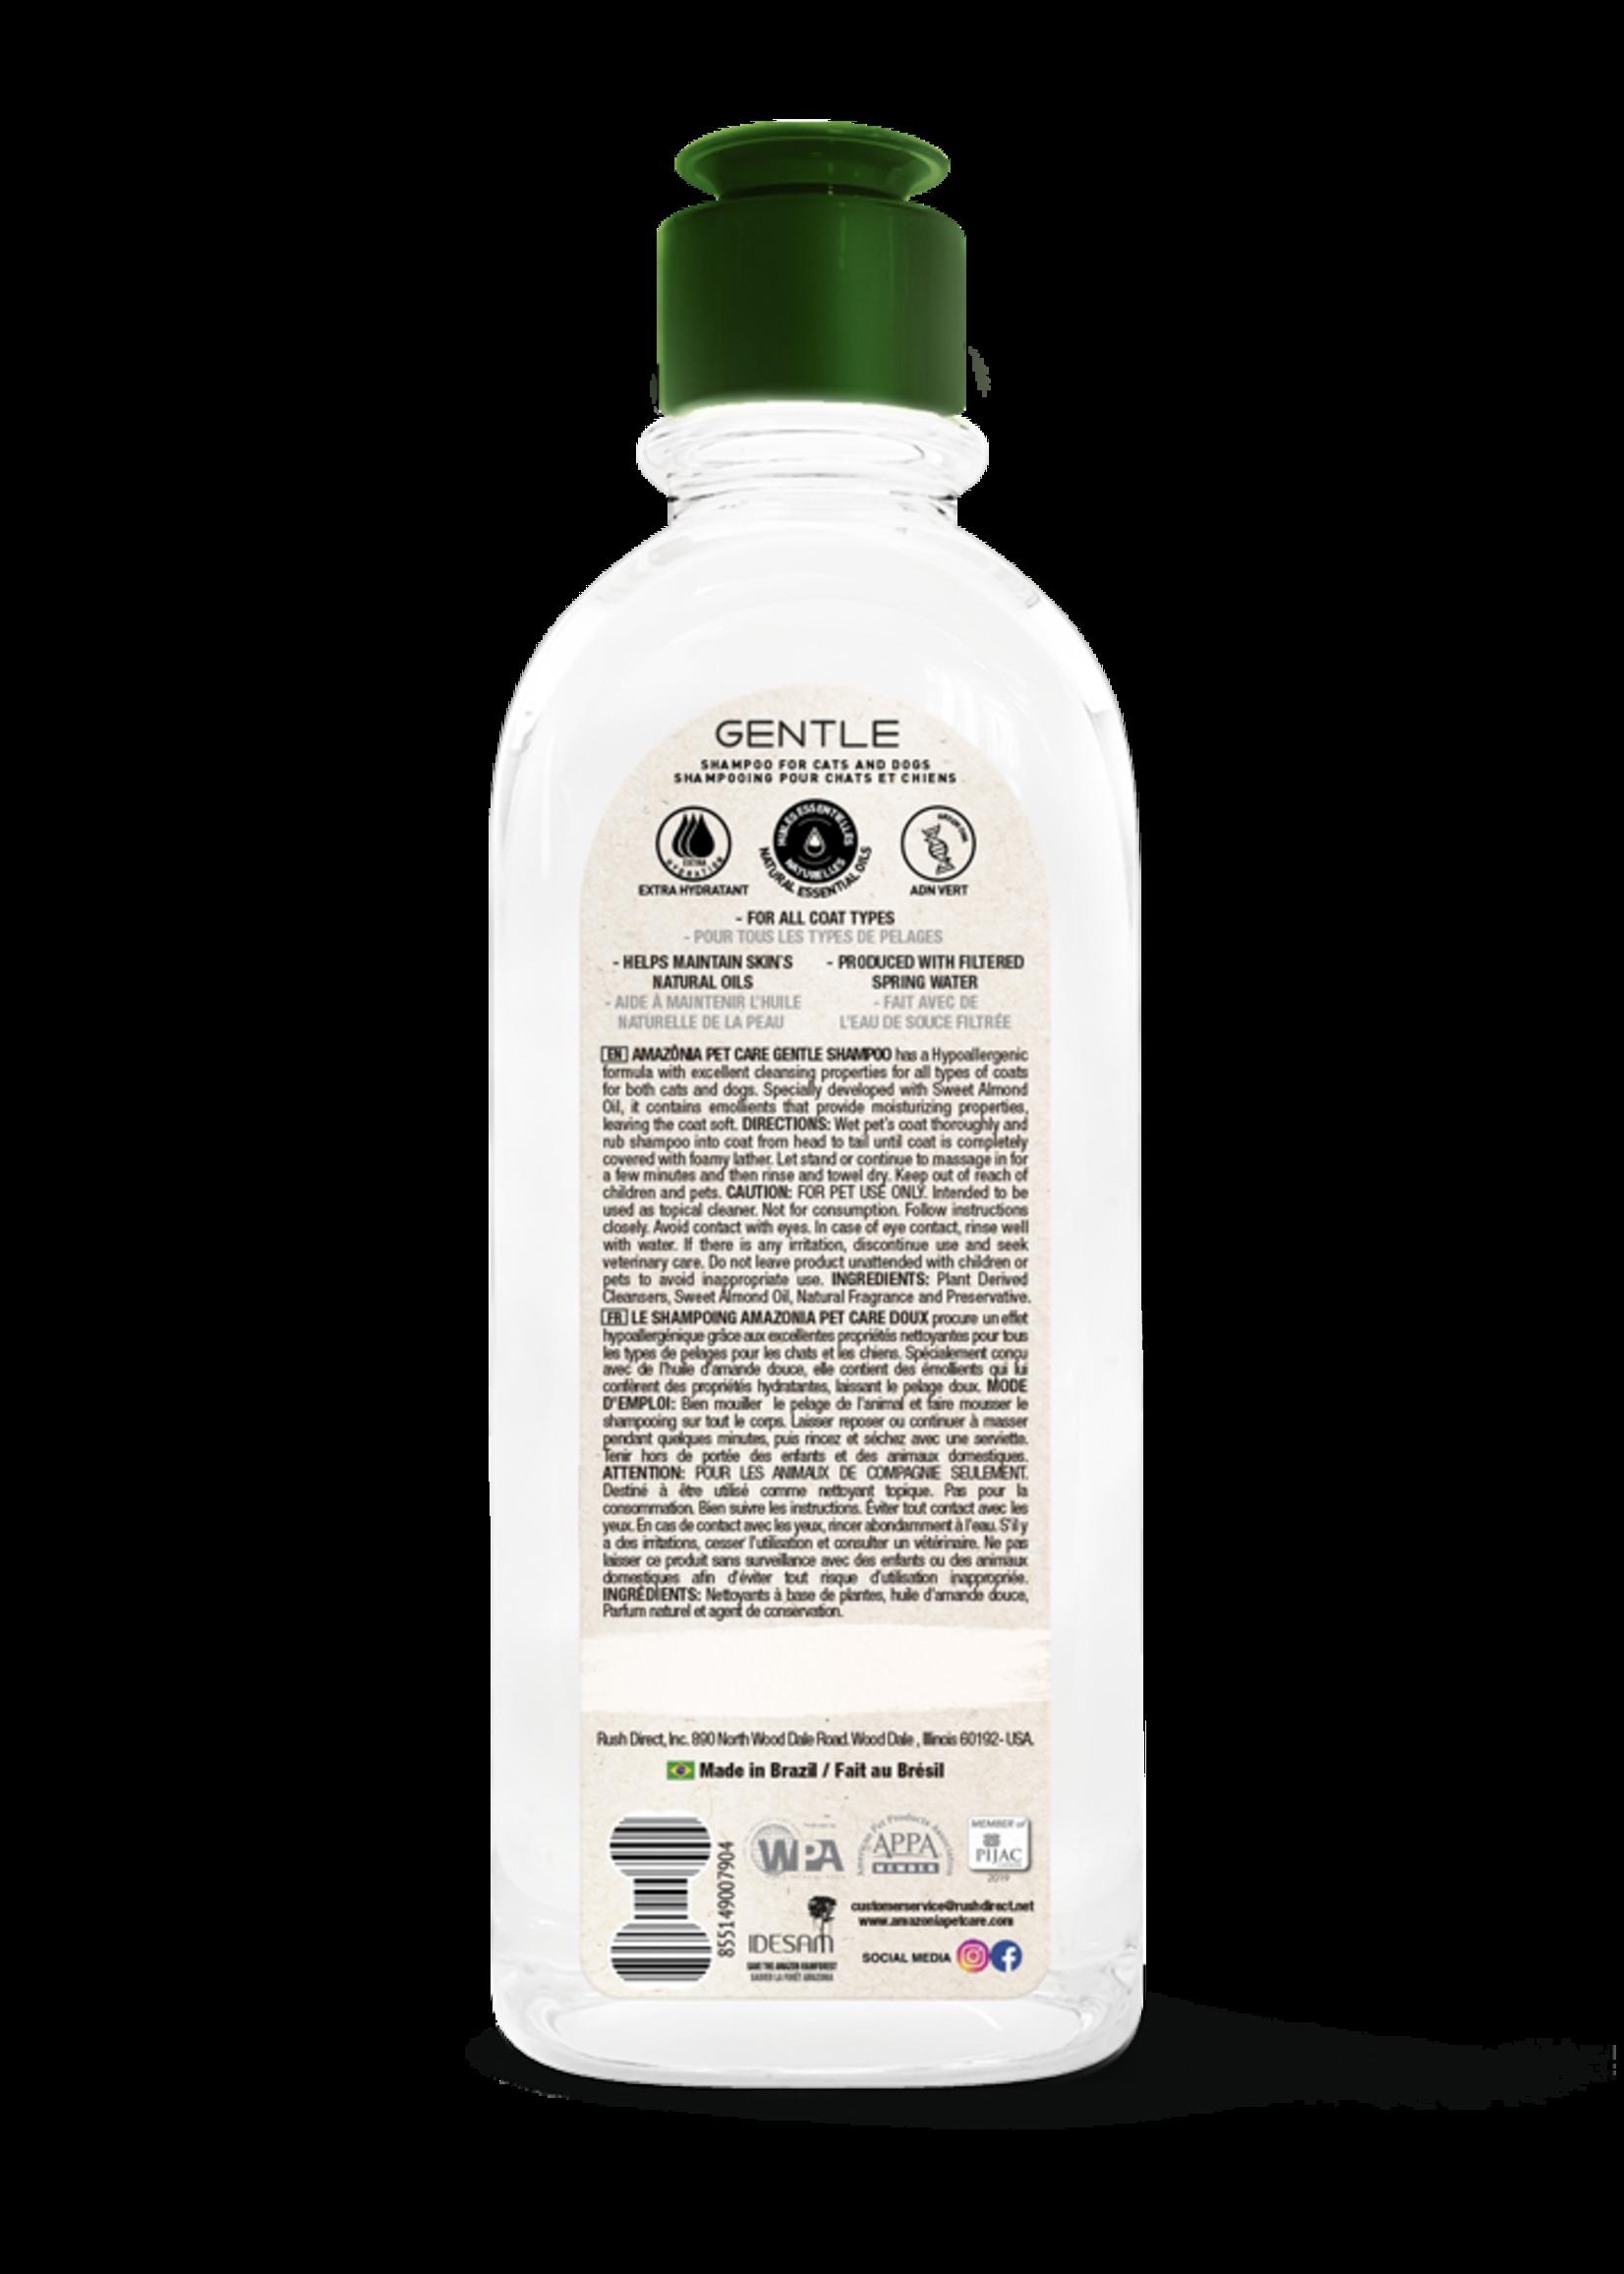 Amazonia Pet Care Amazonia Gentle Hypoallergenic Pet Shampoo 16.9oz